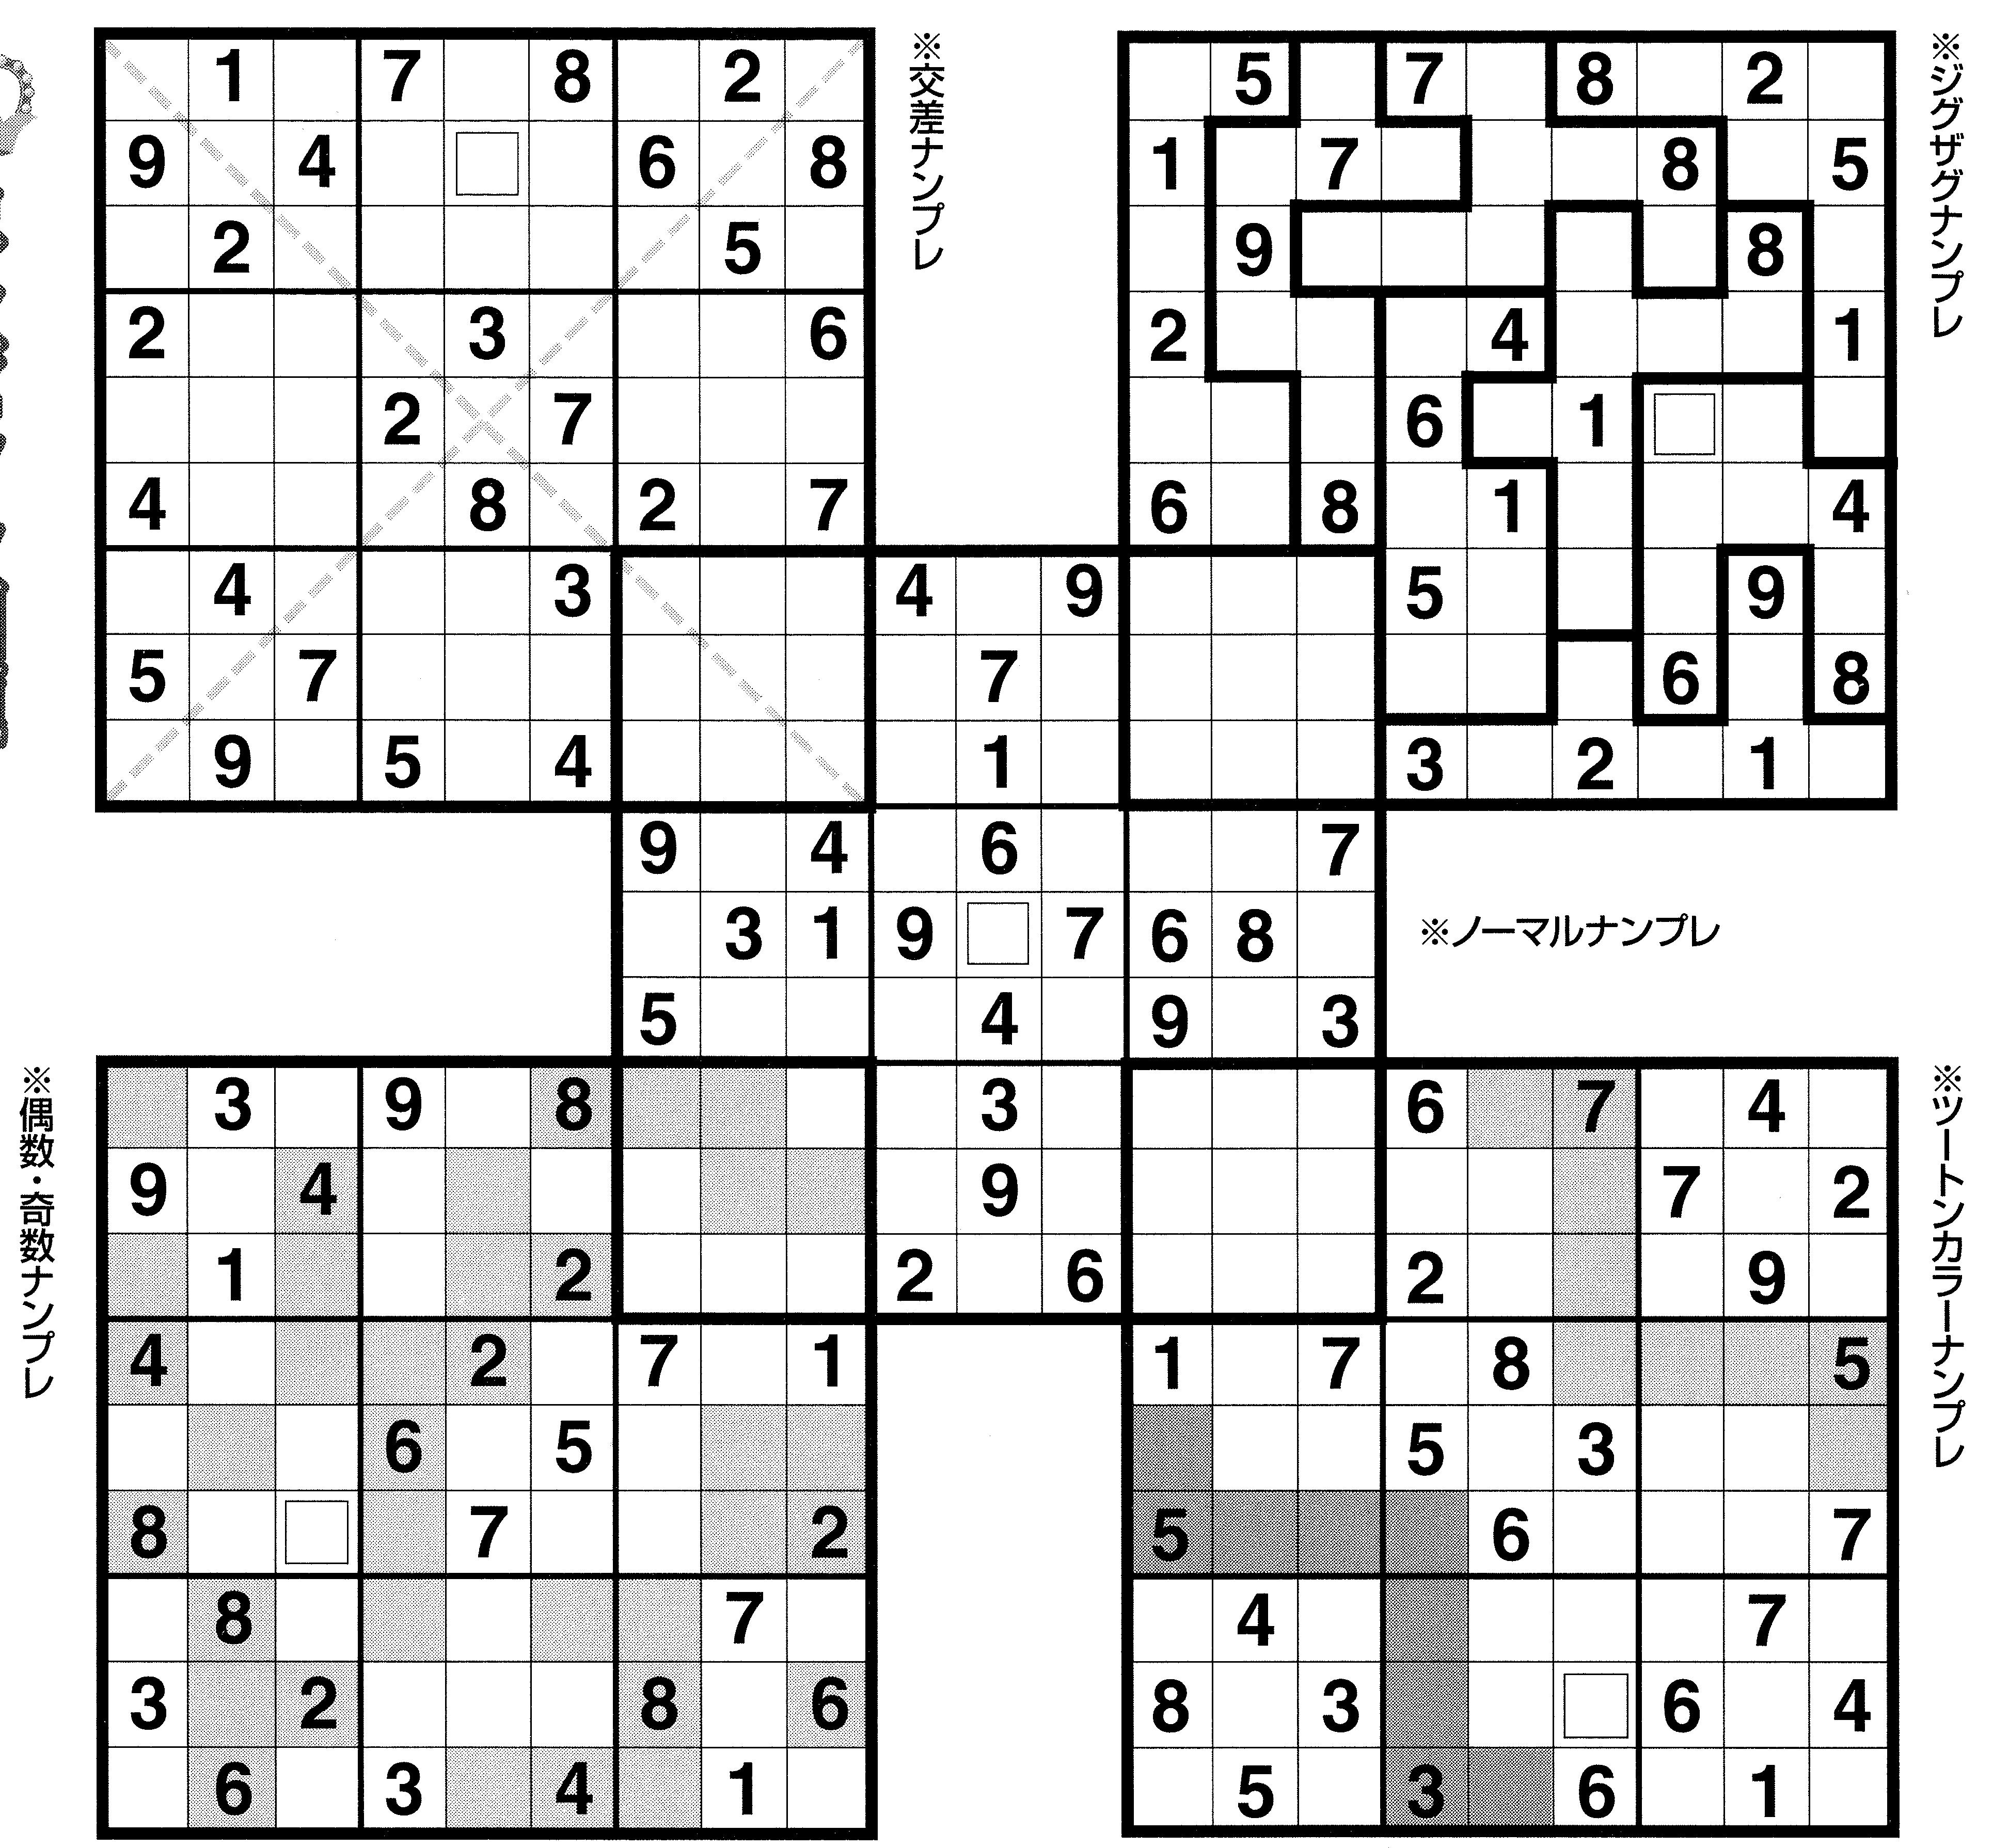 Printable Sudoku High Fives - Bing Images | Printable Gamez - Sudoku High Fives Free Printable